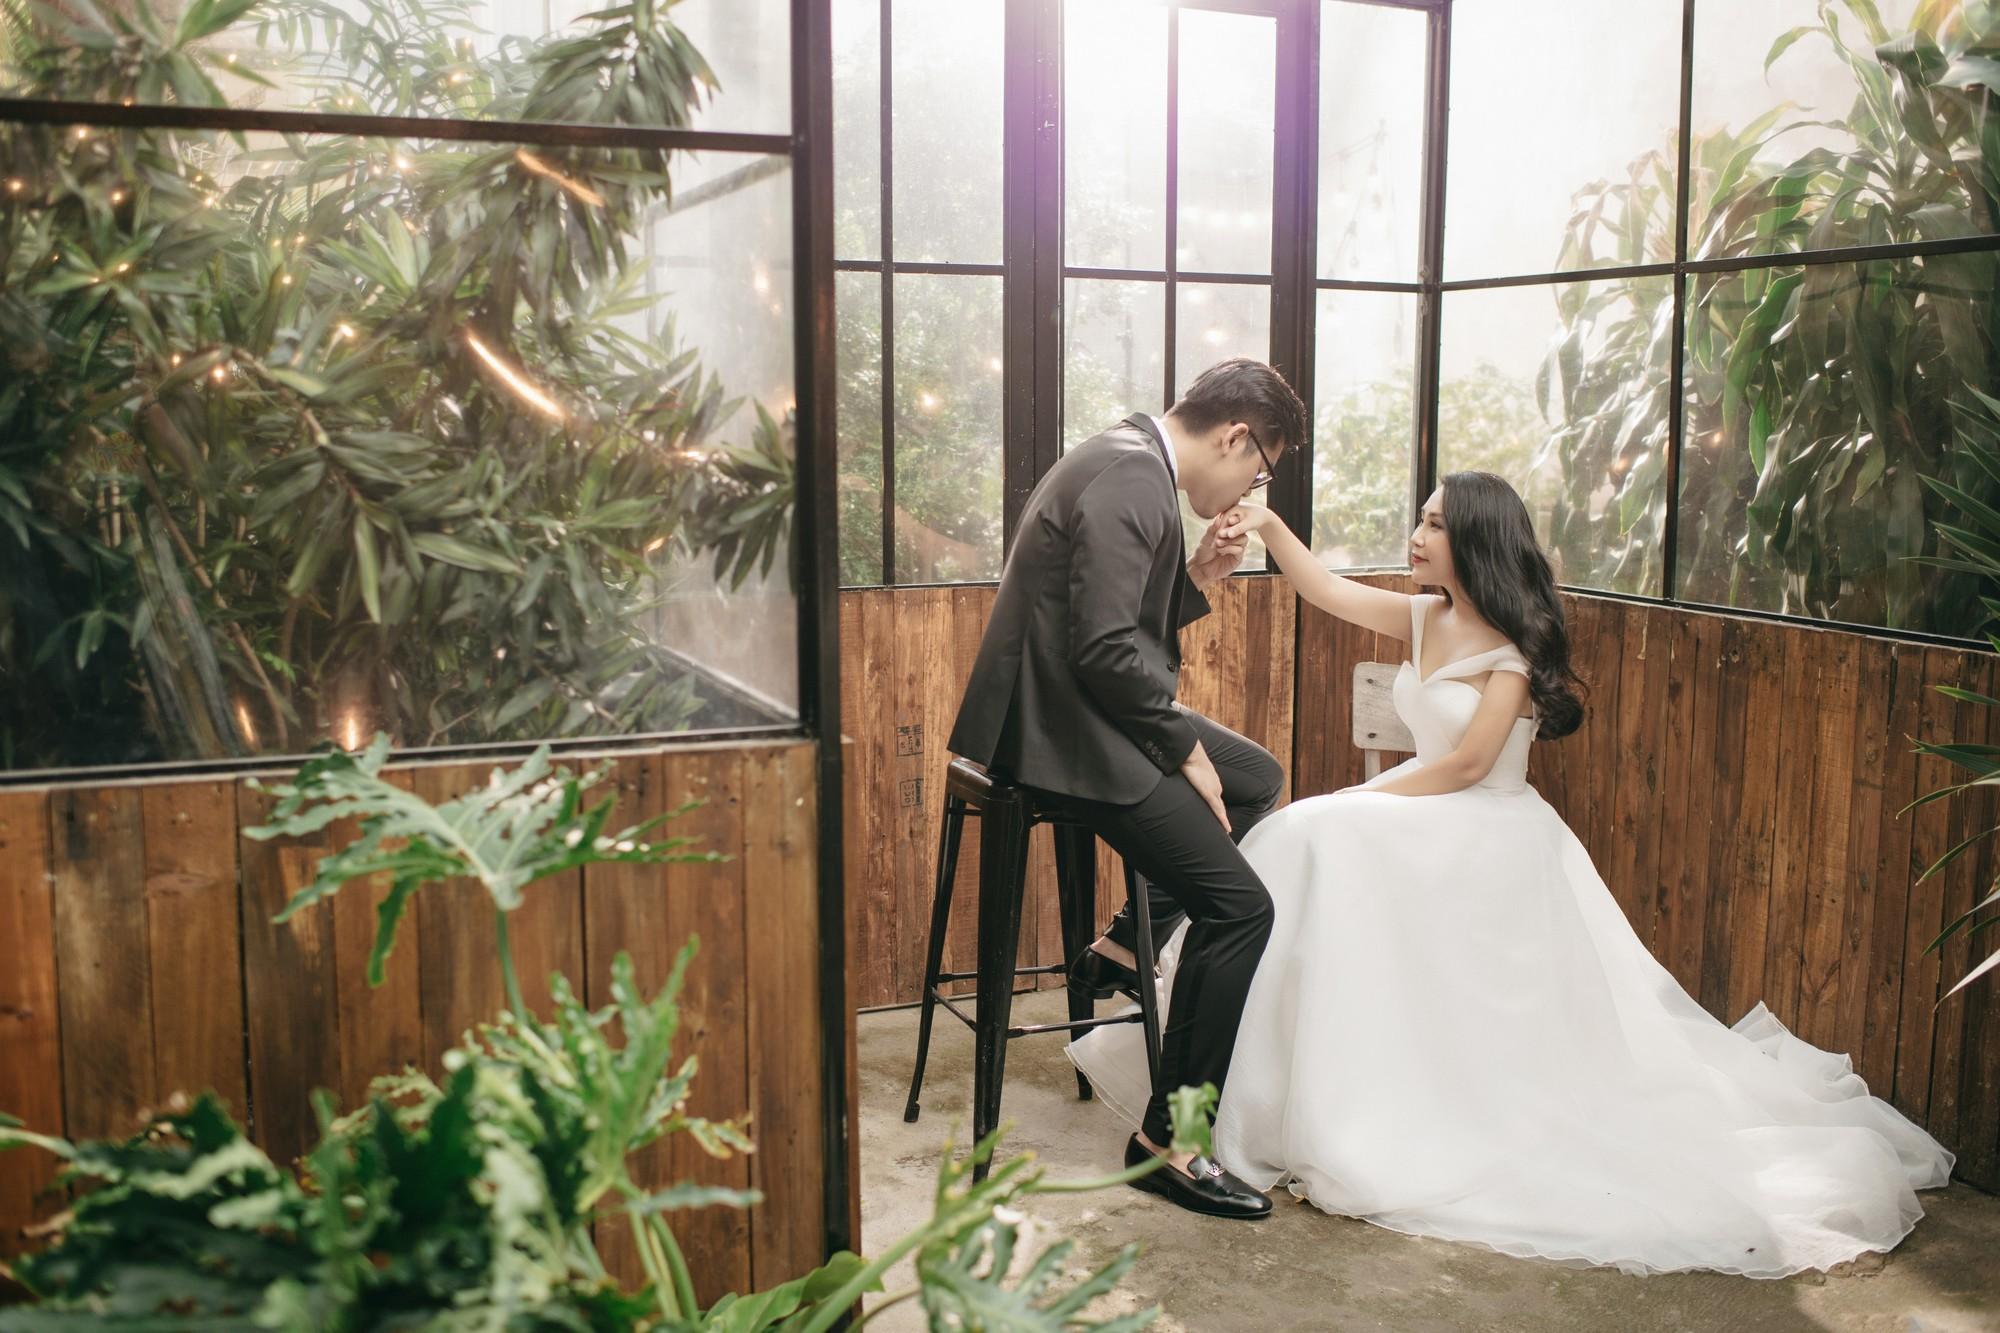 Trước giờ G cử hành hôn lễ, nhà văn Gào chia sẻ những hình ảnh về tiệc chia tay thời độc thân cùng dàn phù dâu xinh đẹp - Ảnh 2.